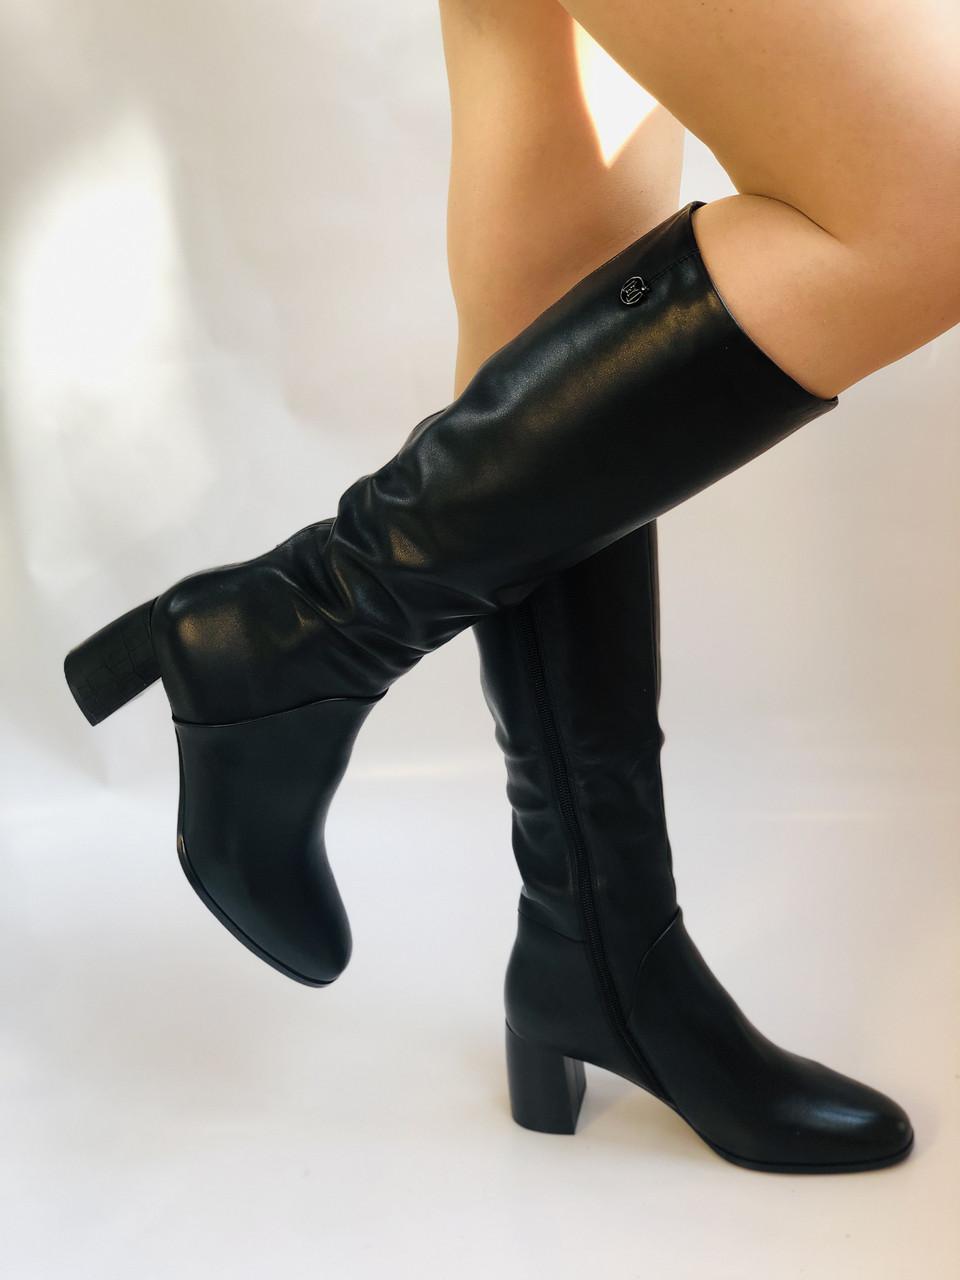 Женские осенне-весенние сапоги на среднем каблуке. Натуральная кожа.Высокое качество. Р 37.38.40 Polann